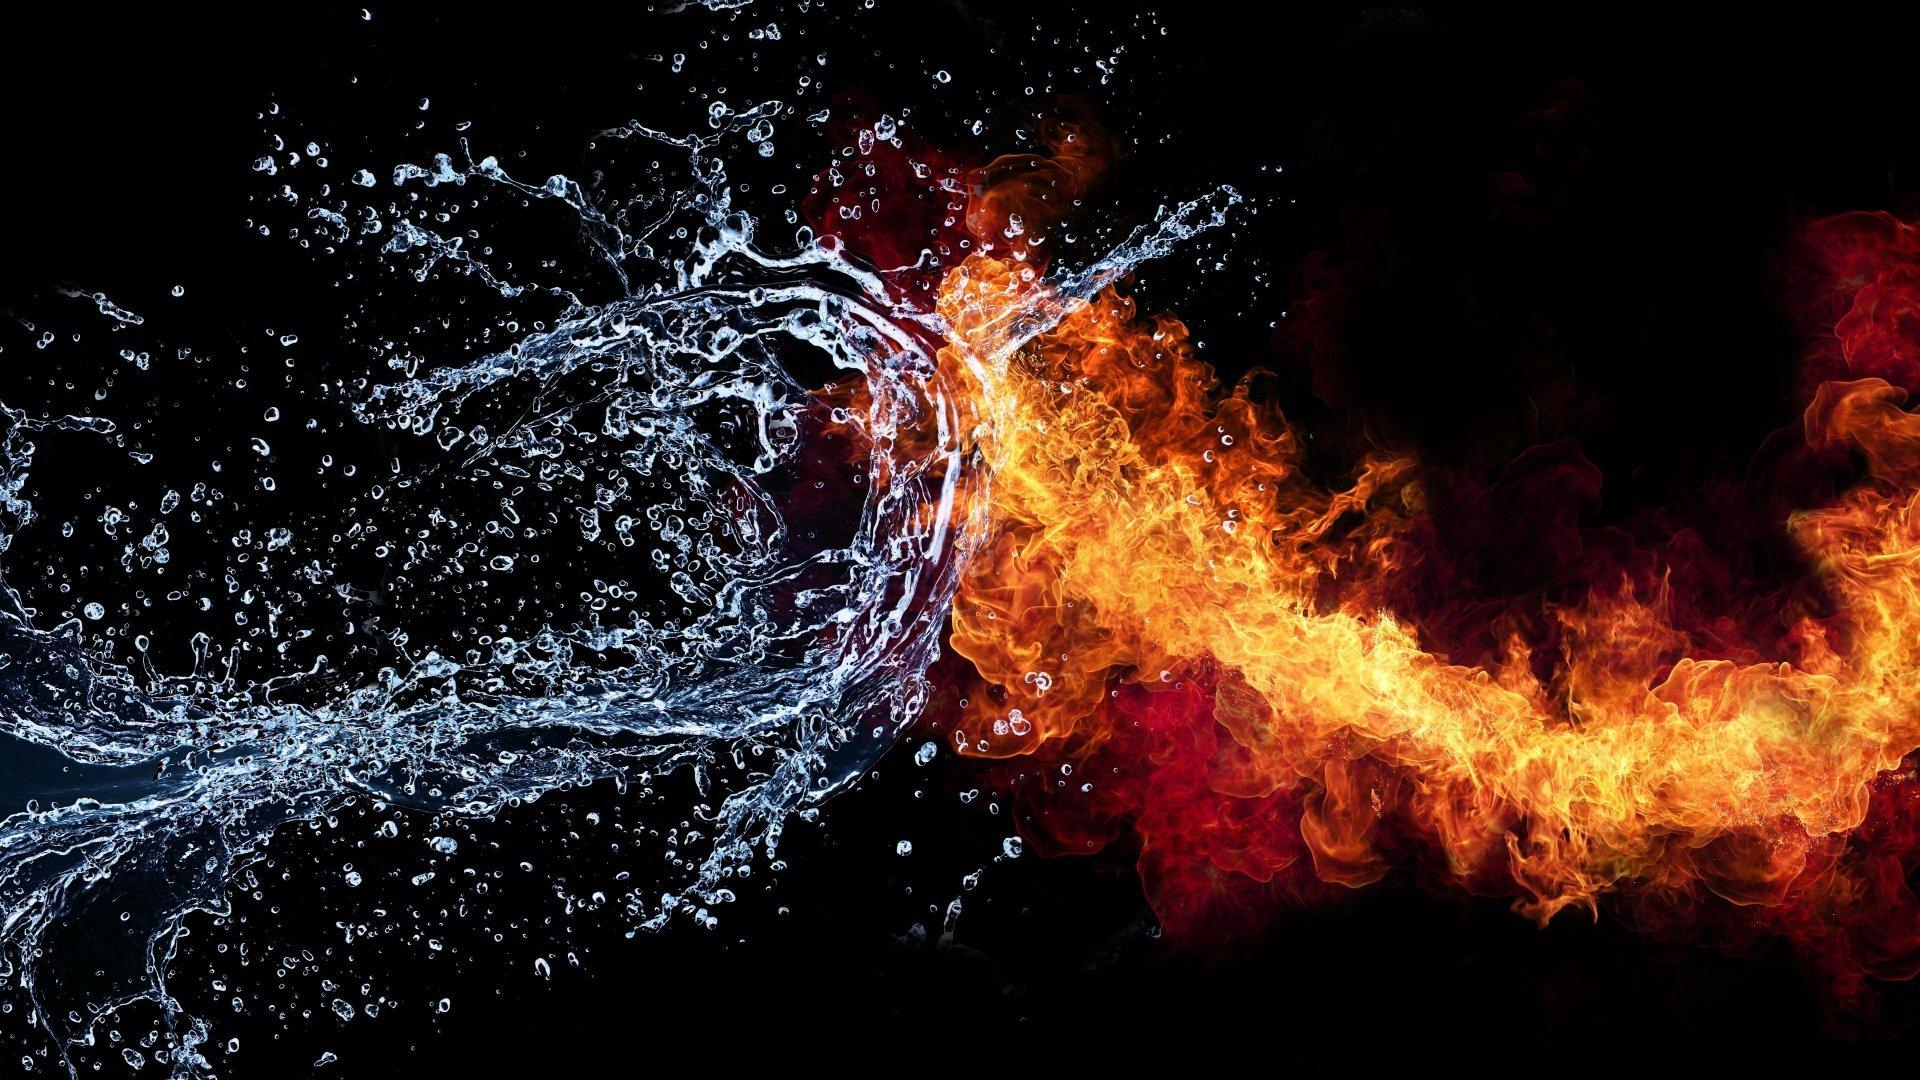 Картинка костер пламя огонь и вода